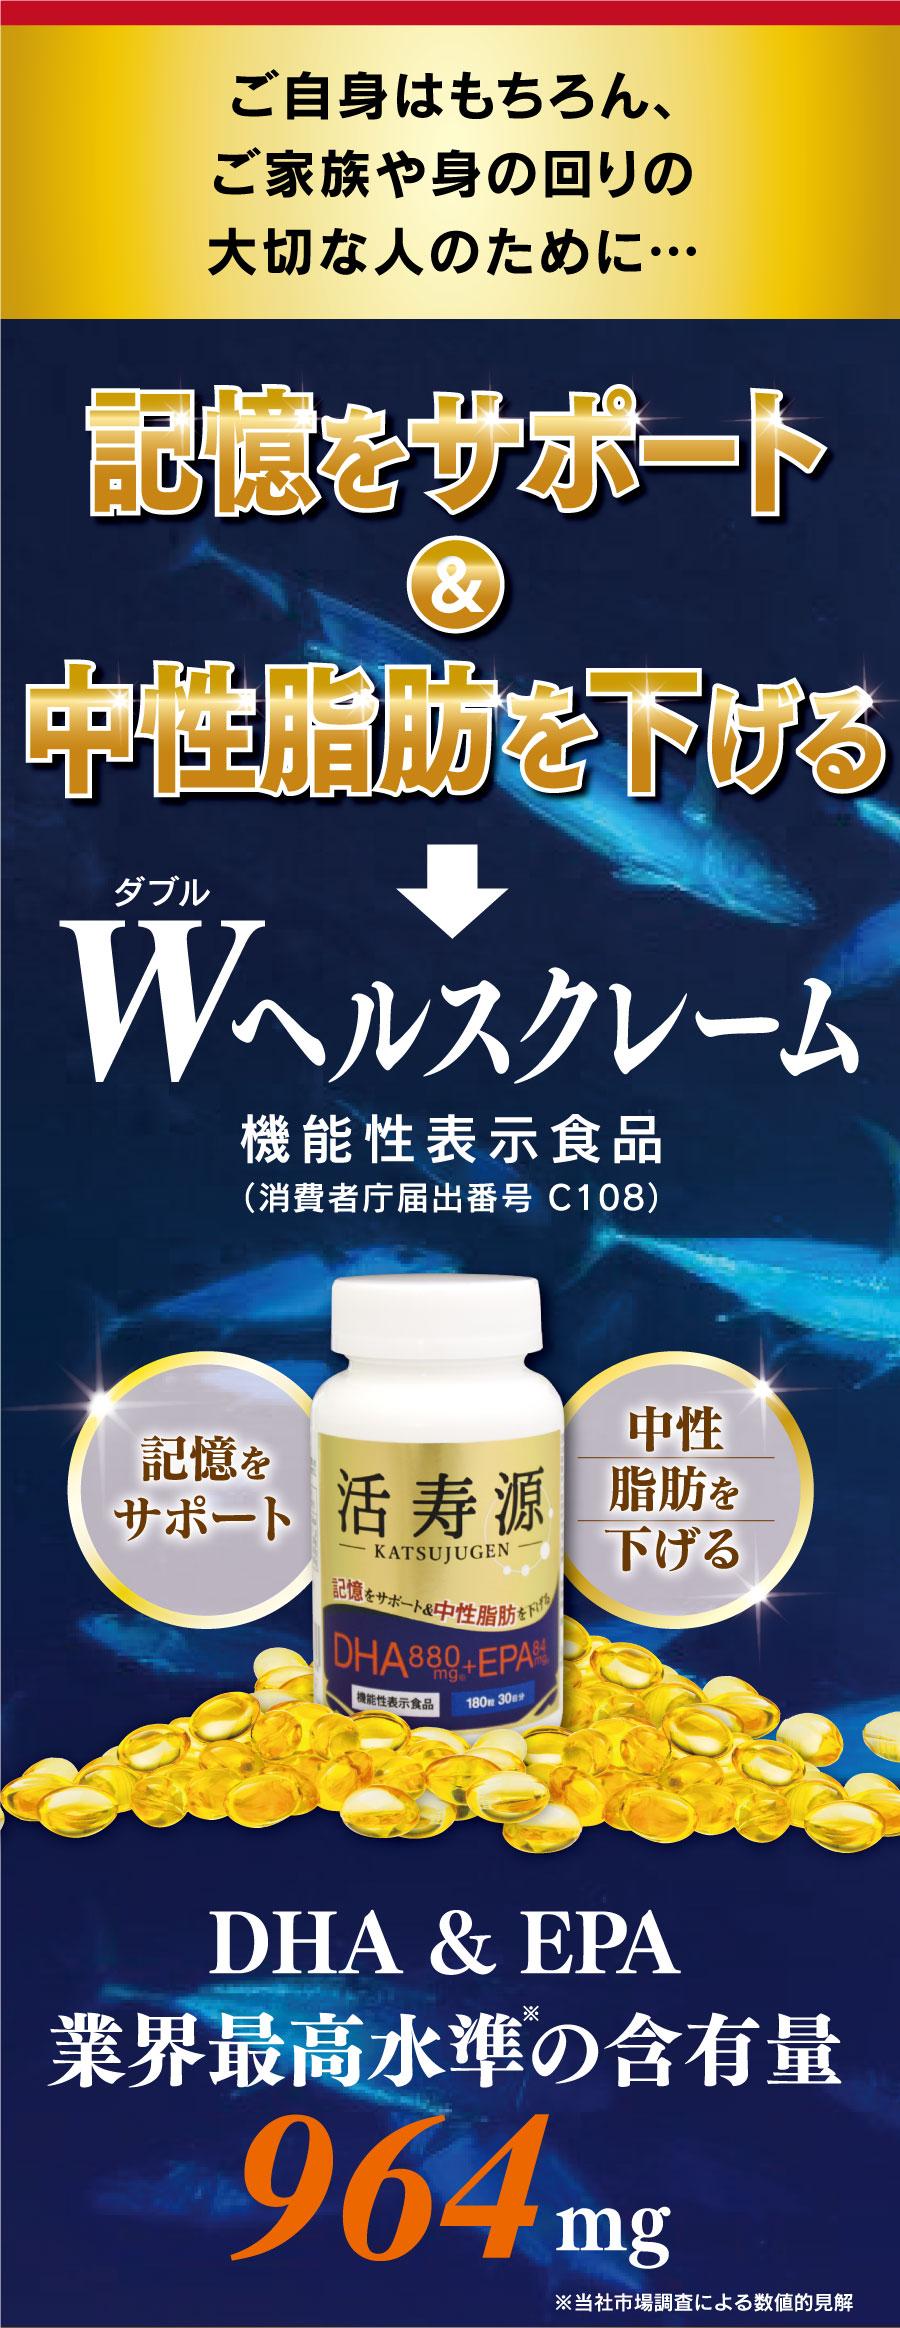 記憶をサポート&中性脂肪を下げる Wヘルスクレーム